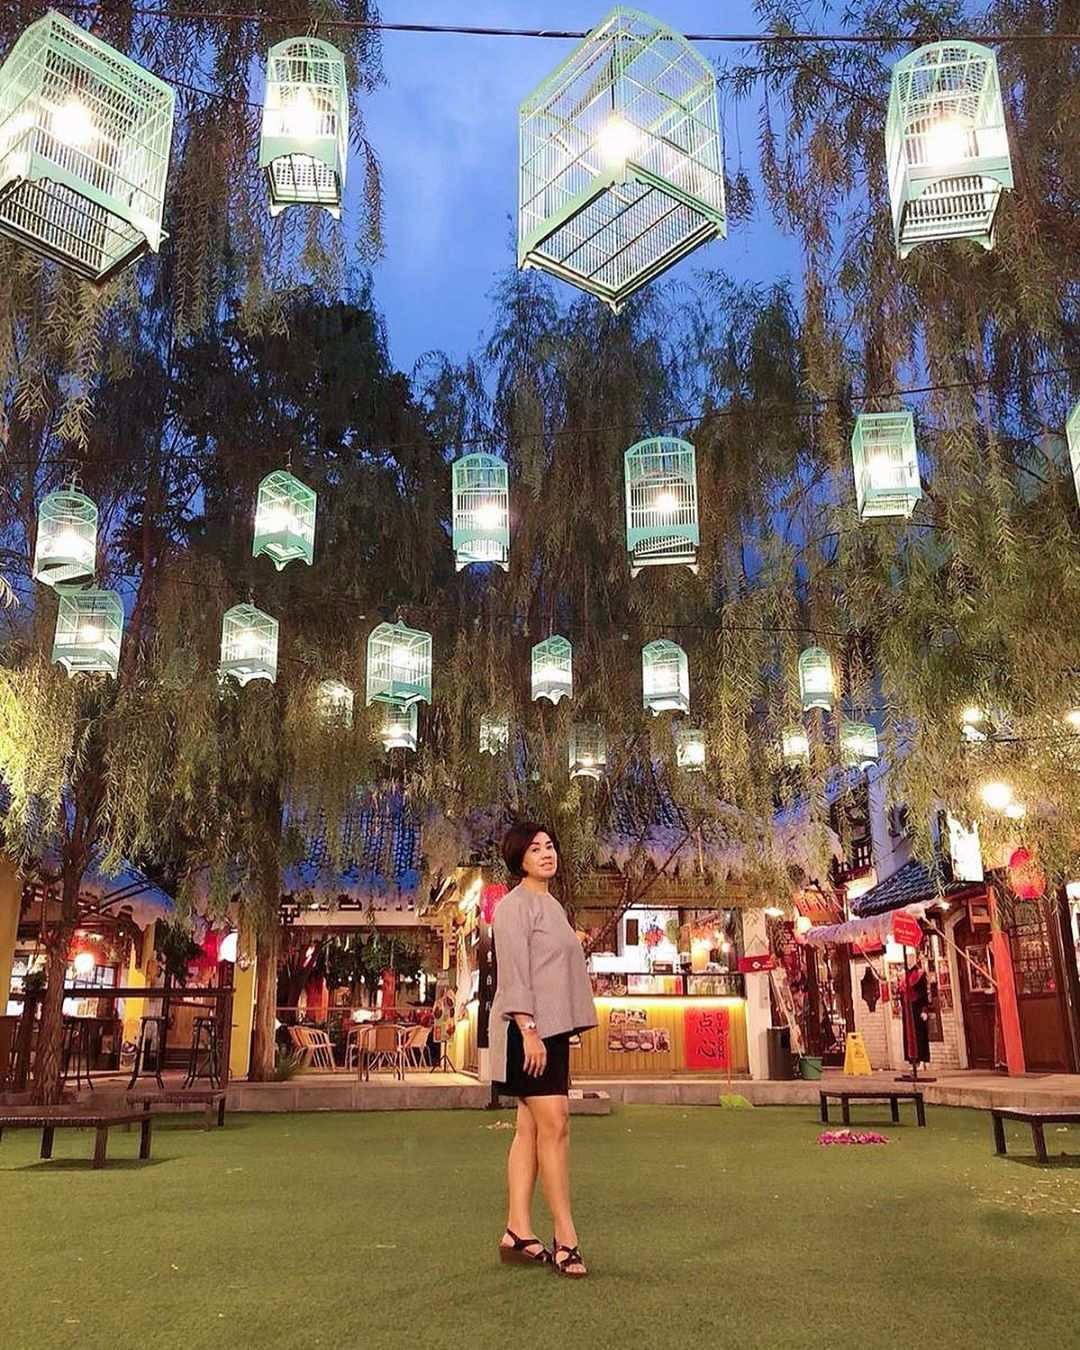 Dekorasi dan Suasana di Chinatown Bandung, Image From @ledia_pattiwael